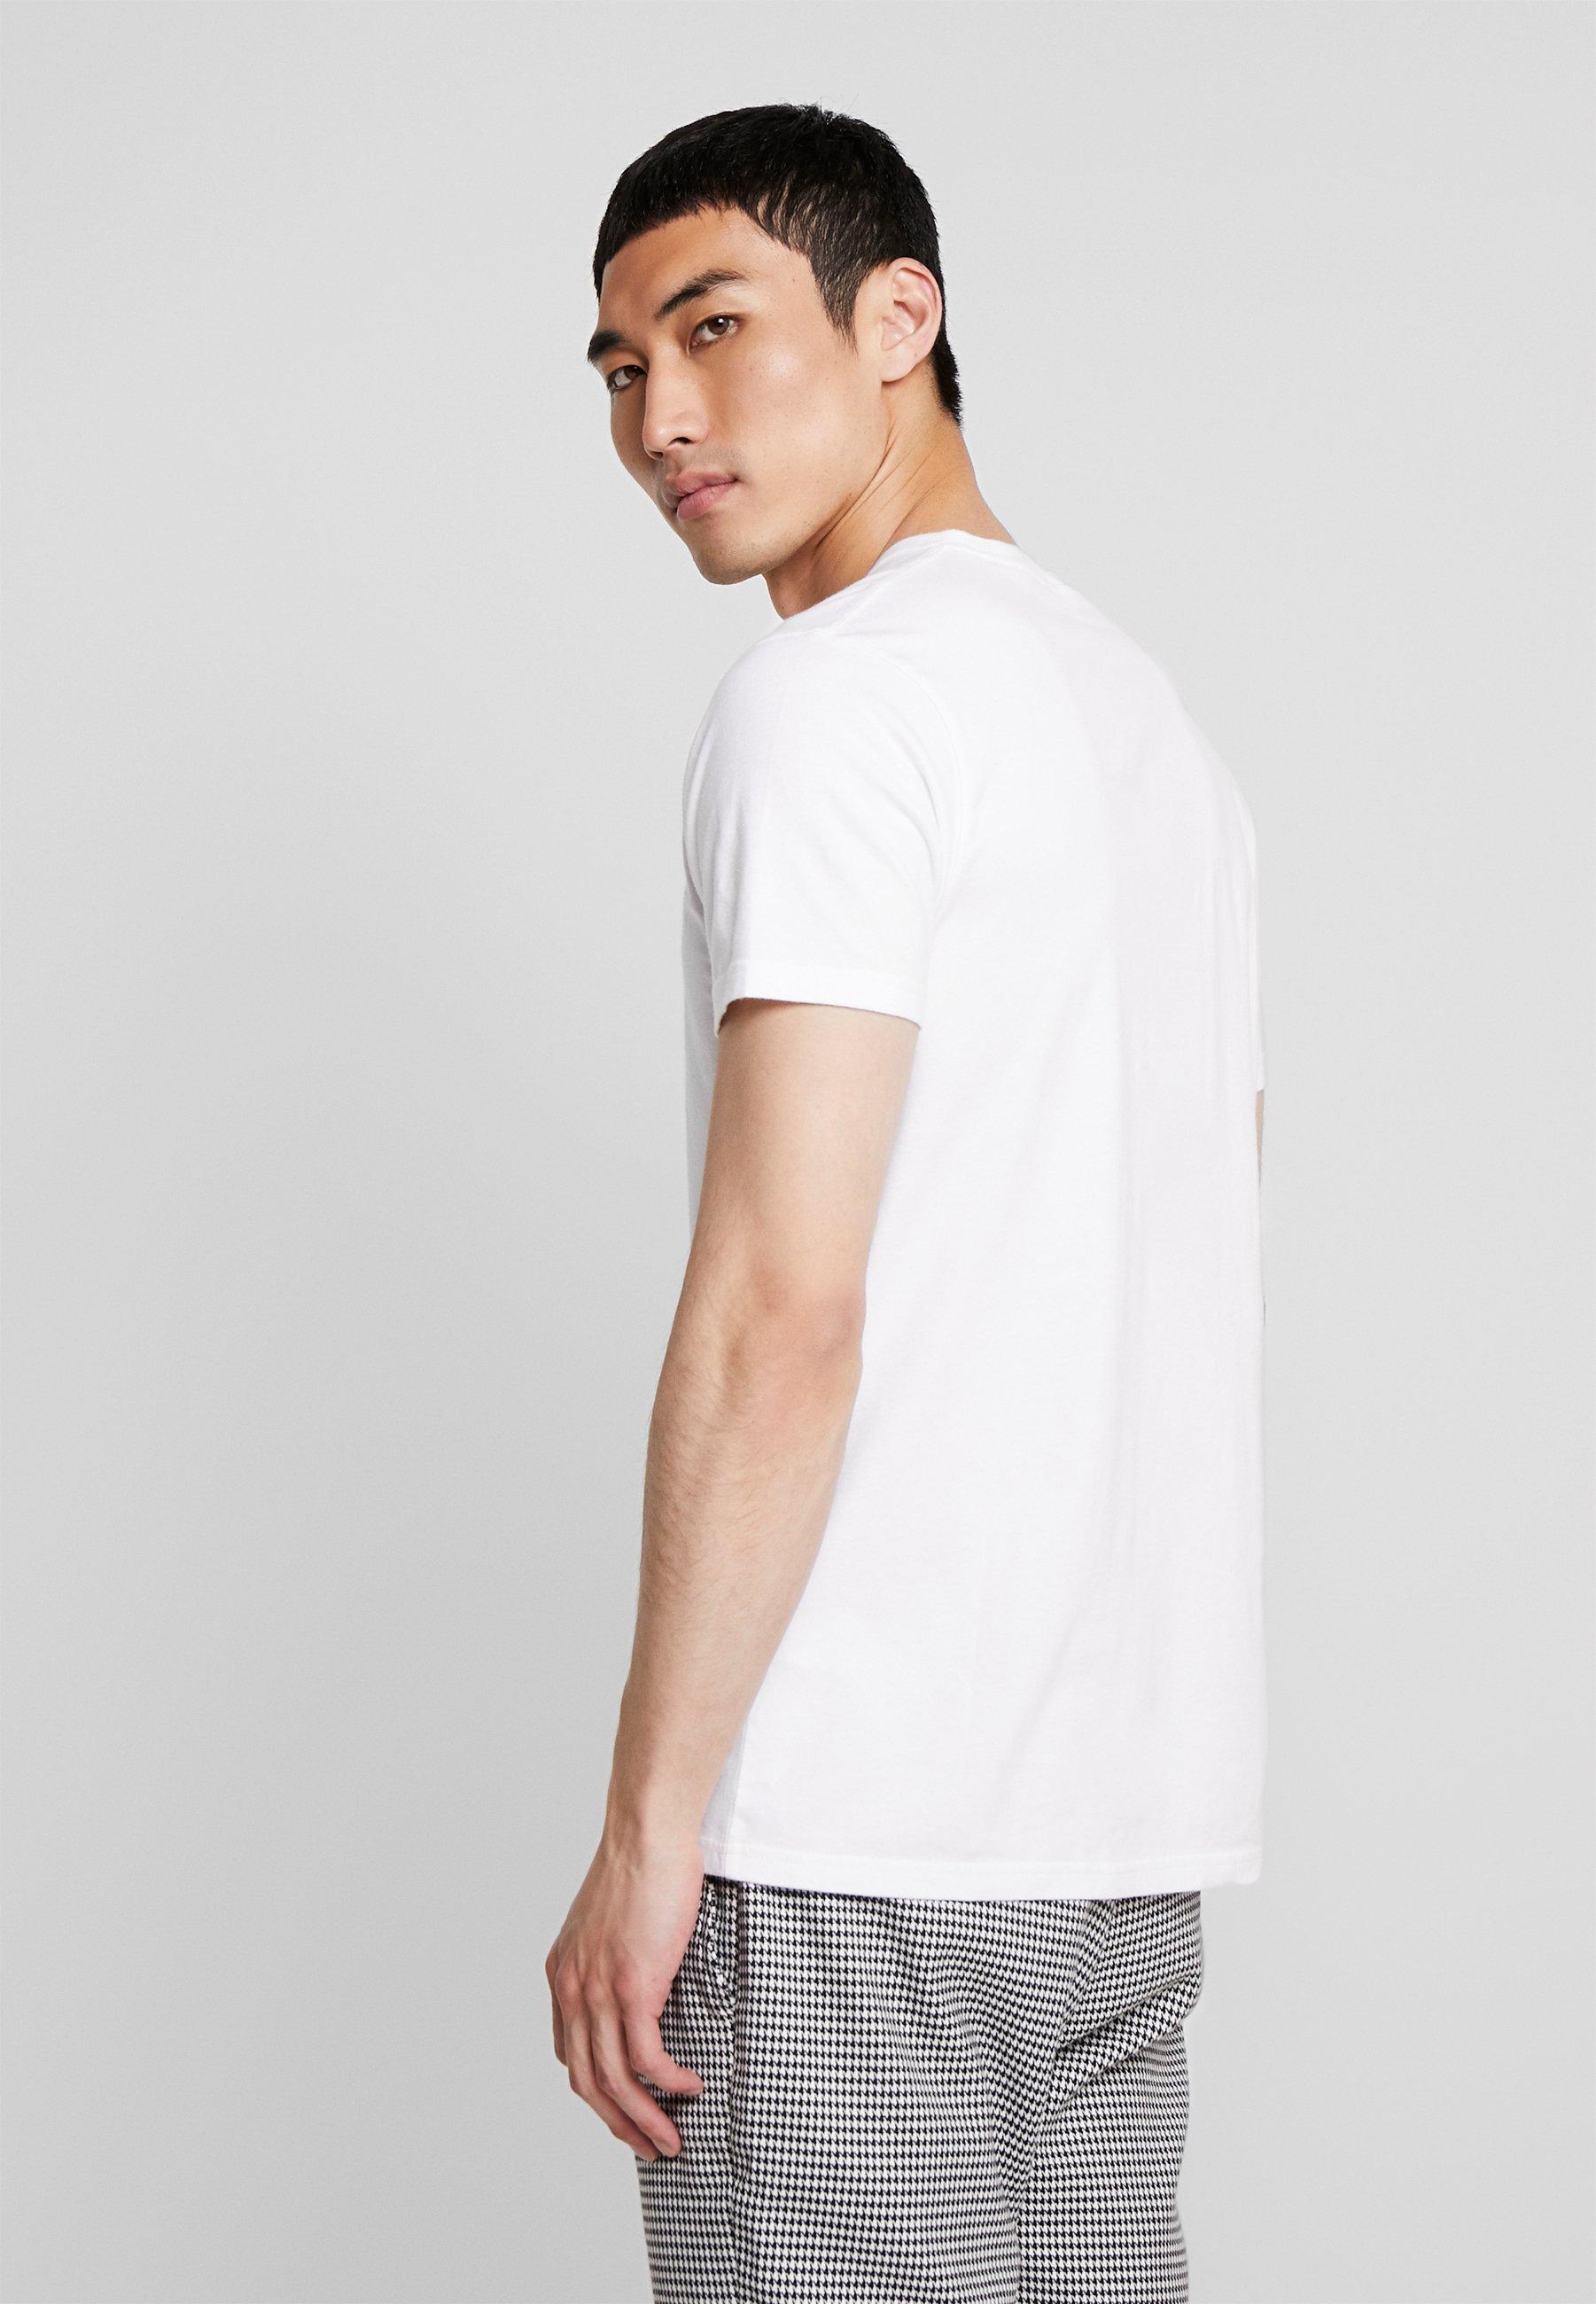 CoIcon Basique Hollister VarietyT White shirt lTF1c3uKJ